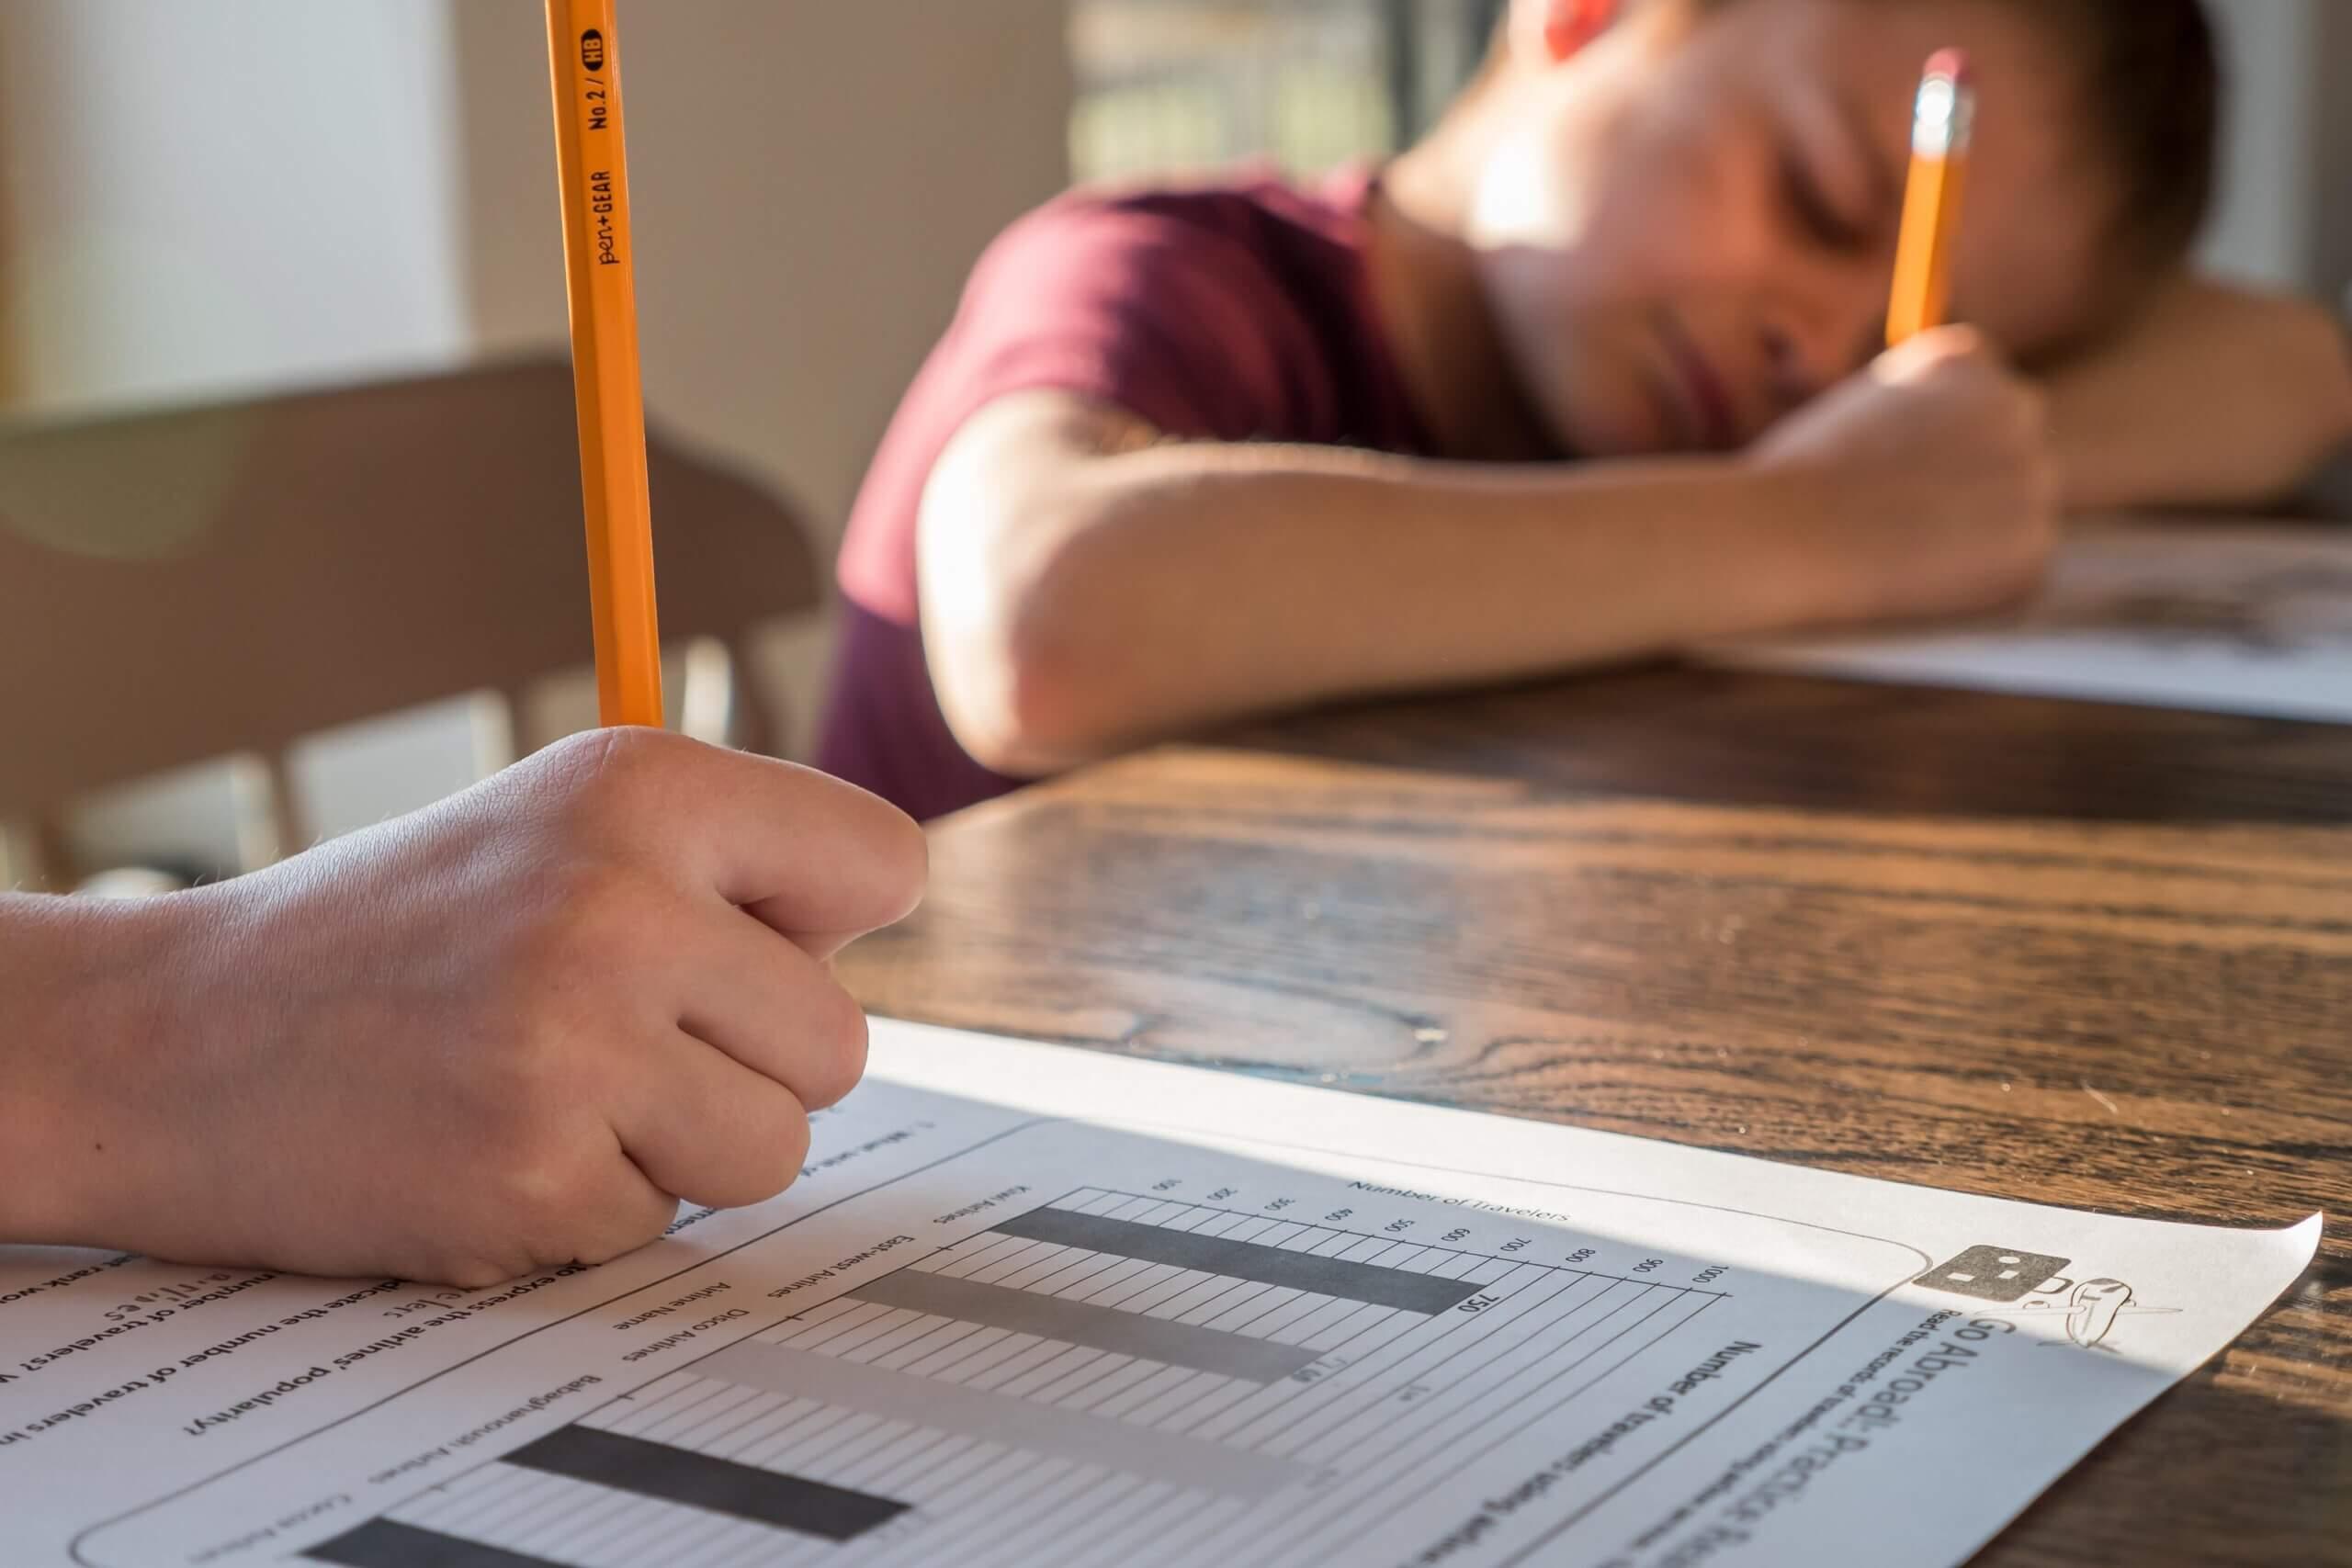 Diagnostic Dyslexia Assessments